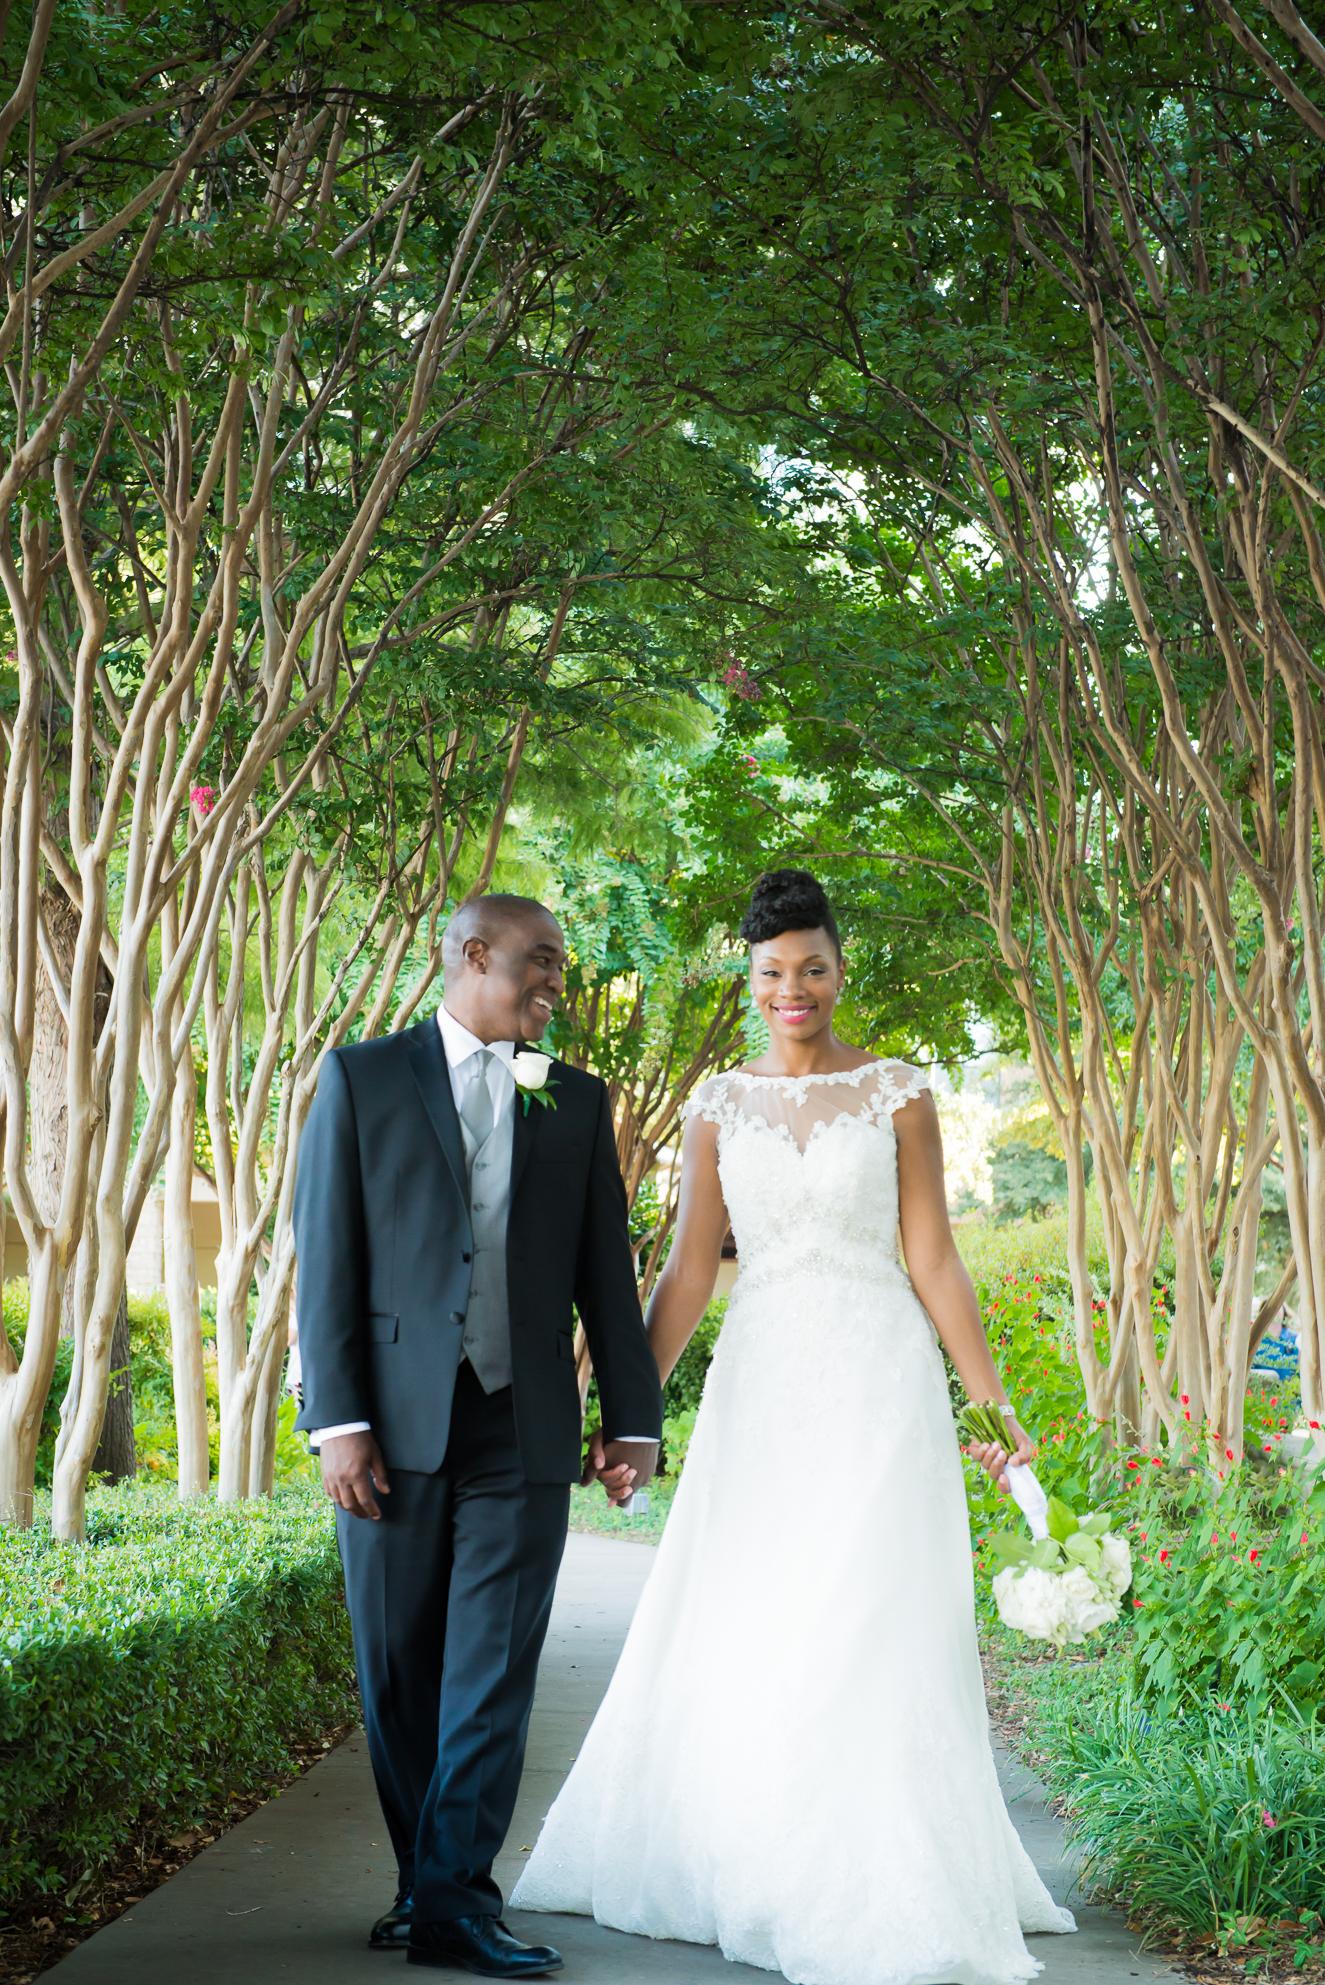 Erika & Micheals Wedding Gallery -392